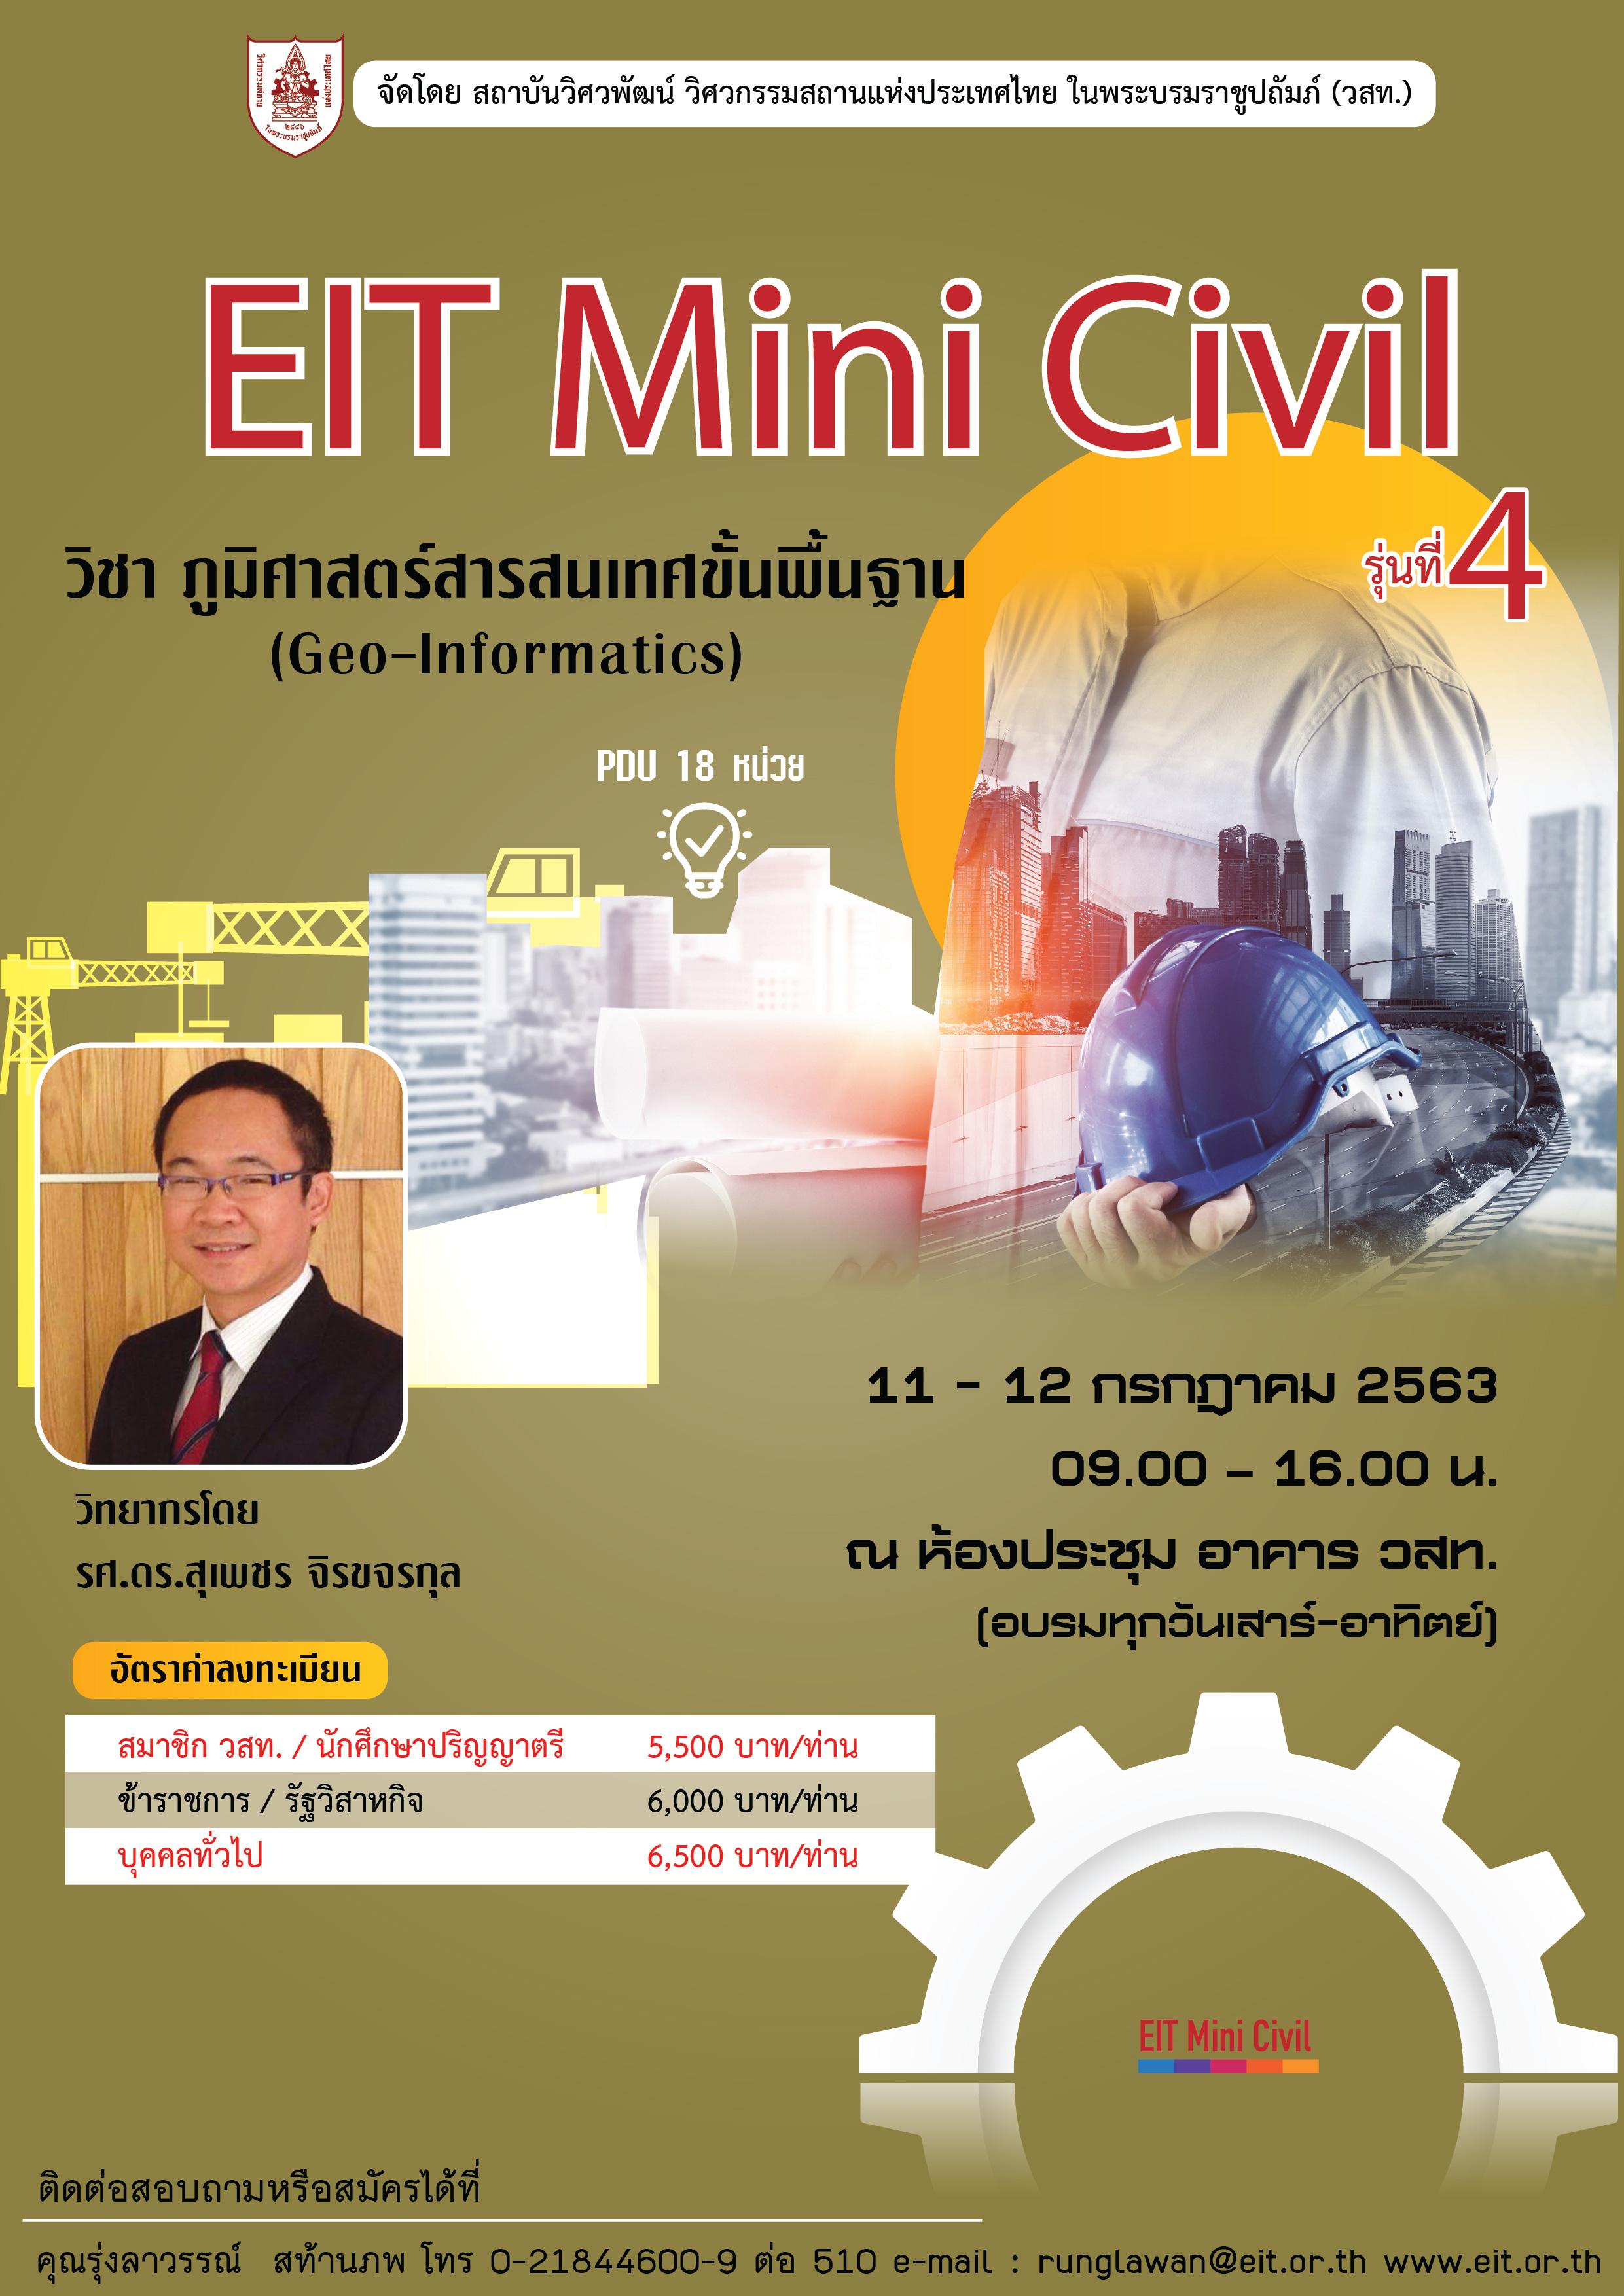 วันที่ 11-12/07/63 อบรมหลักสูตร EIT Mini Civil รุ่นที่ 4 วิชาที่ 1 ภูมิศาสตร์สารสนเทศขั้นพื้นฐาน (Geo-Informatics)